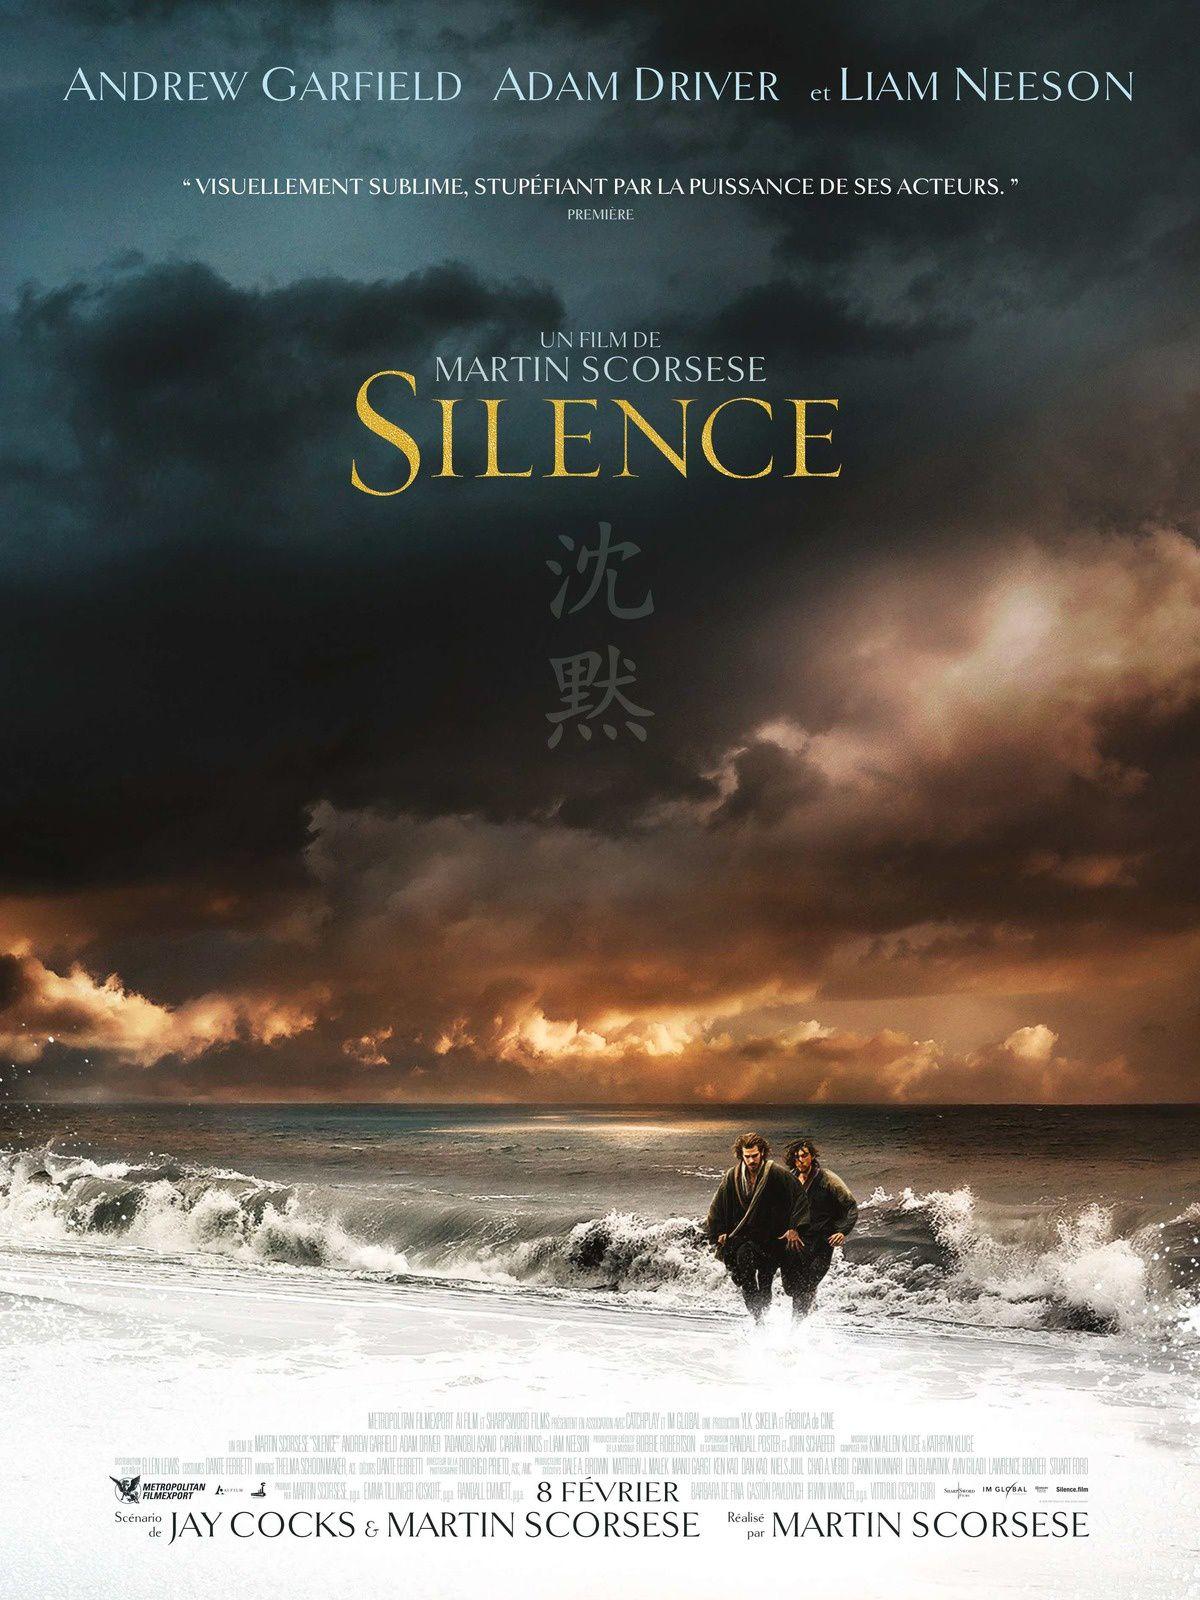 SILENCE le nouveau film de Martin Scorsese sortira le 8 février 2017 au cinéma ! Découvrez la bande annonce